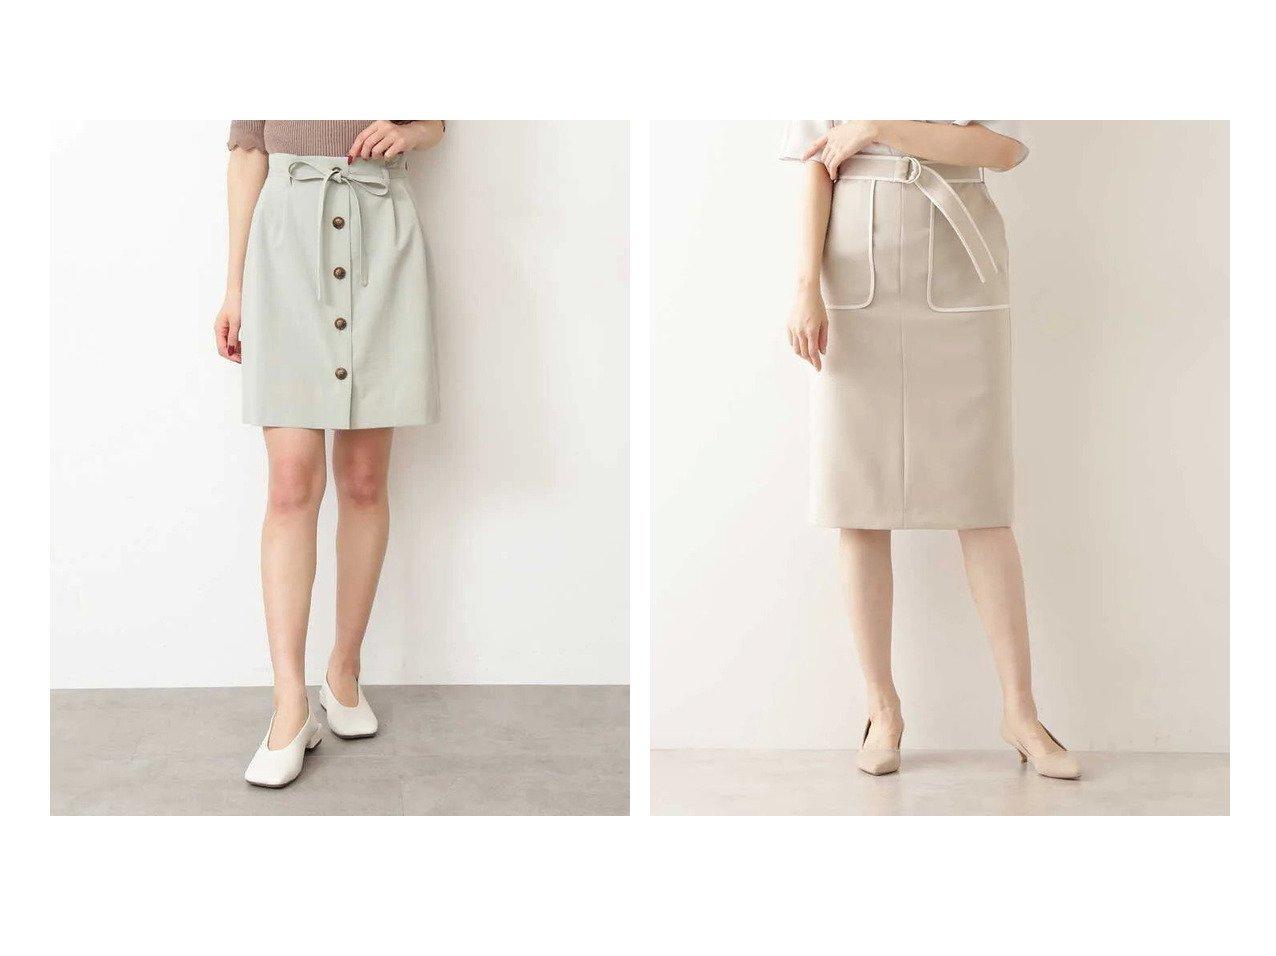 【FREE'S MART/フリーズマート】の《Sシリーズ対応商品》麻調合繊フロントボタンミニスカート&【NATURAL BEAUTY BASIC/ナチュラル ビューティー ベーシック】のバイカラータイトスカート 【スカート】おすすめ!人気、トレンド・レディースファッションの通販 おすすめで人気の流行・トレンド、ファッションの通販商品 メンズファッション・キッズファッション・インテリア・家具・レディースファッション・服の通販 founy(ファニー) https://founy.com/ ファッション Fashion レディースファッション WOMEN スカート Skirt ミニスカート Mini Skirts セットアップ フロント ミニスカート リボン 台形 タイトスカート ポケット |ID:crp329100000032376